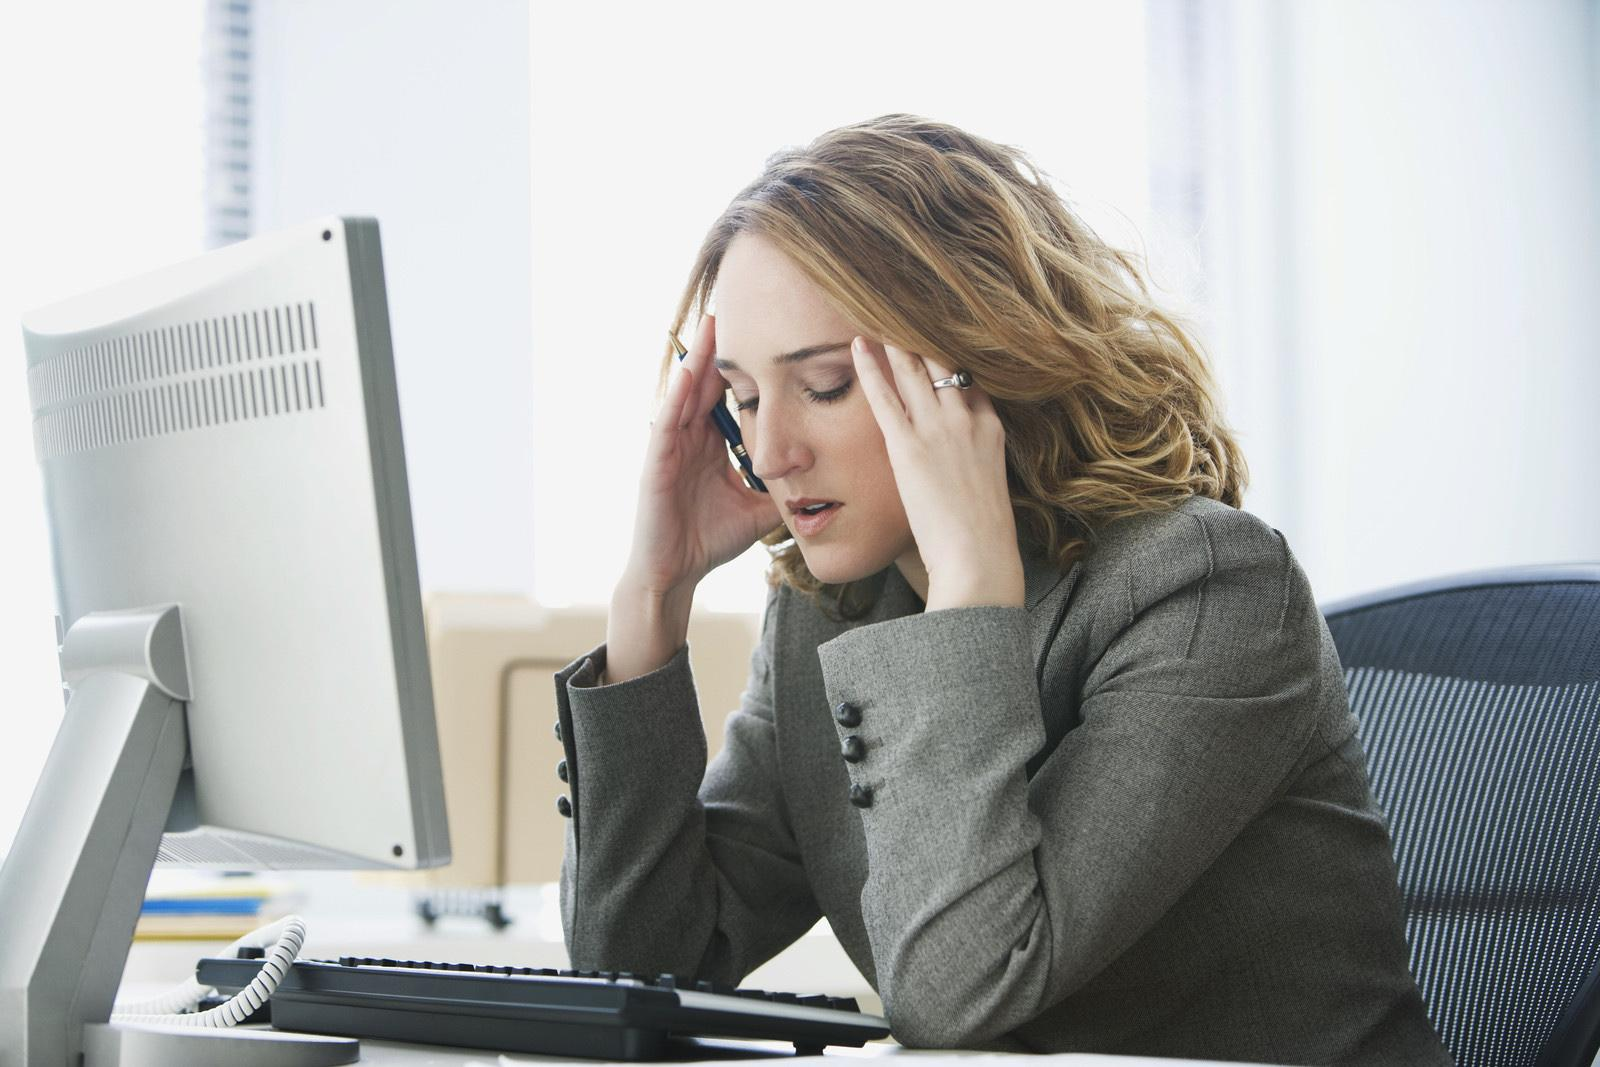 Que Doenças Provocam o Estresse?